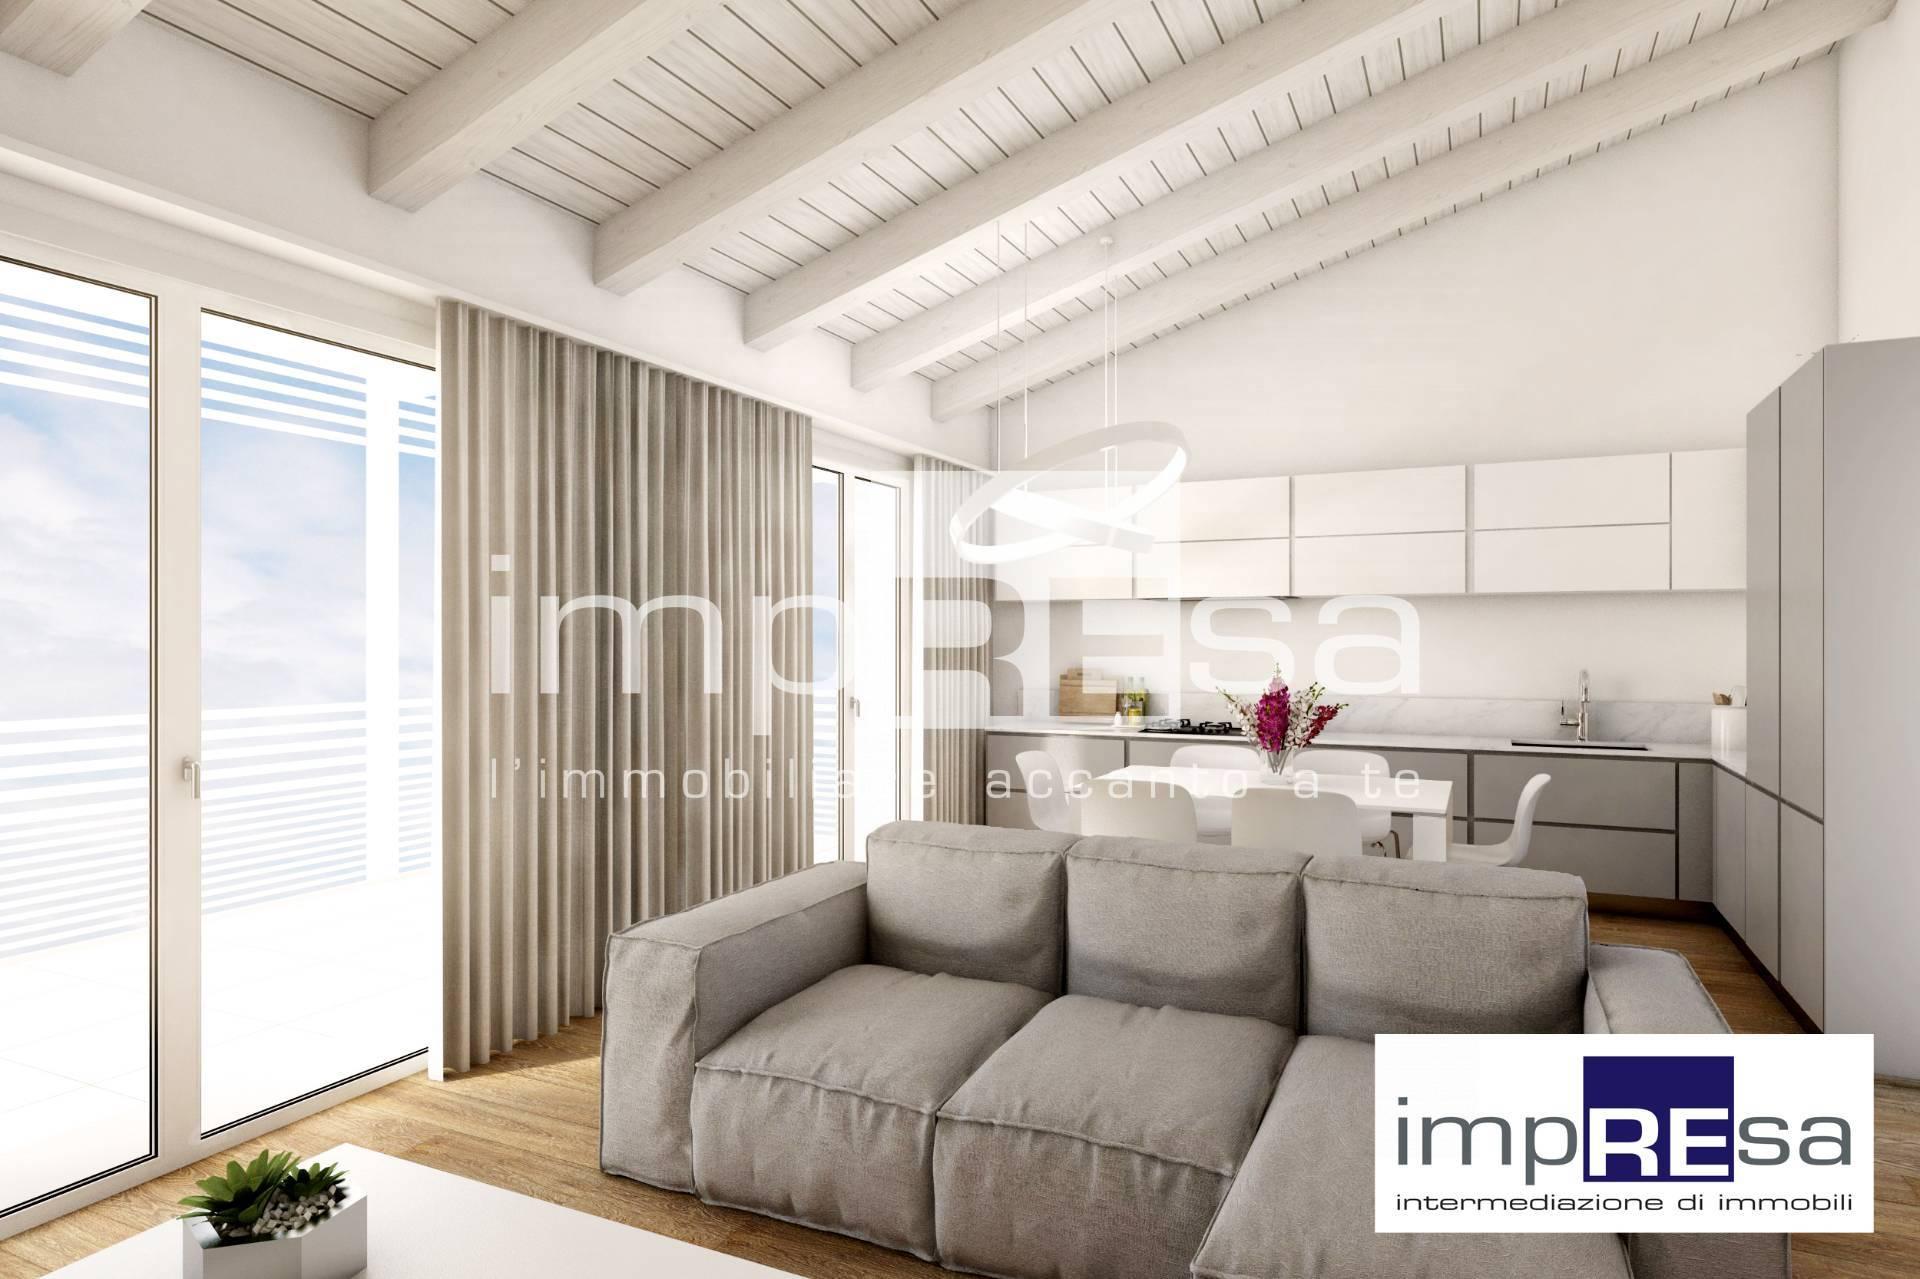 Appartamento in vendita a Marcon, 4 locali, prezzo € 235.000 | CambioCasa.it